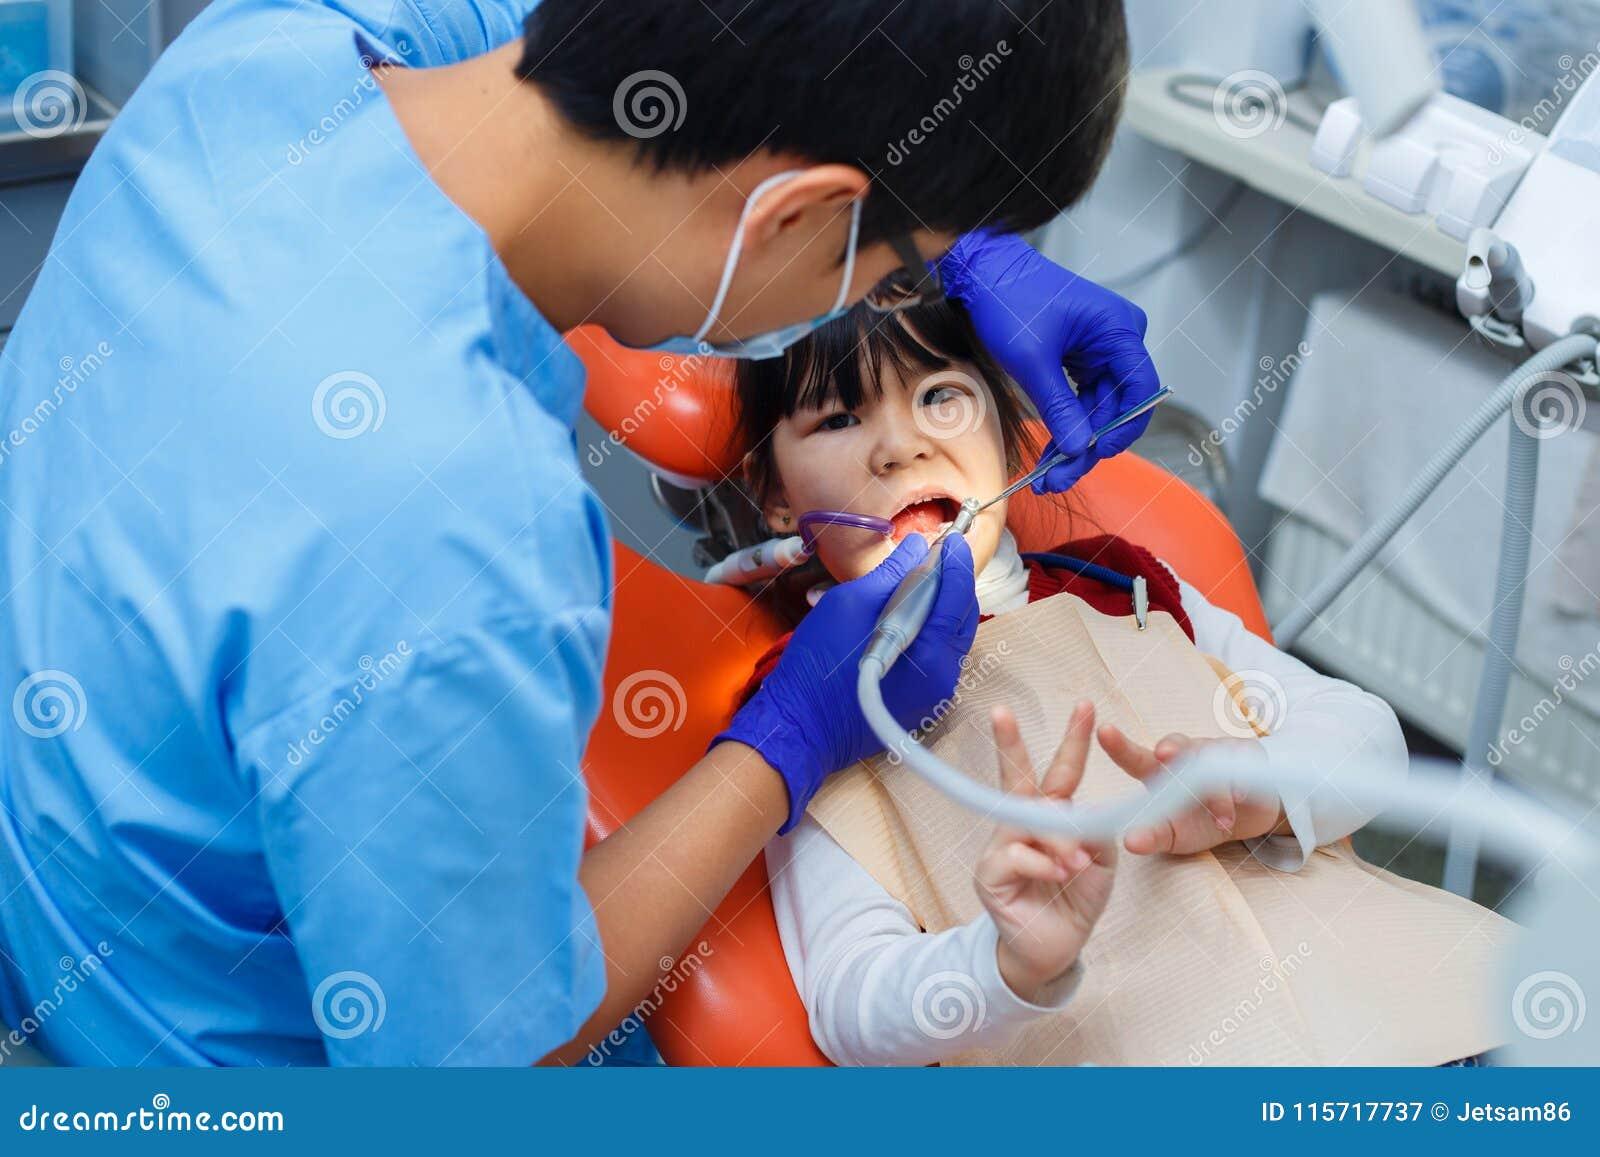 Odontología pediátrica, odontología de la prevención, concepto de la higiene oral